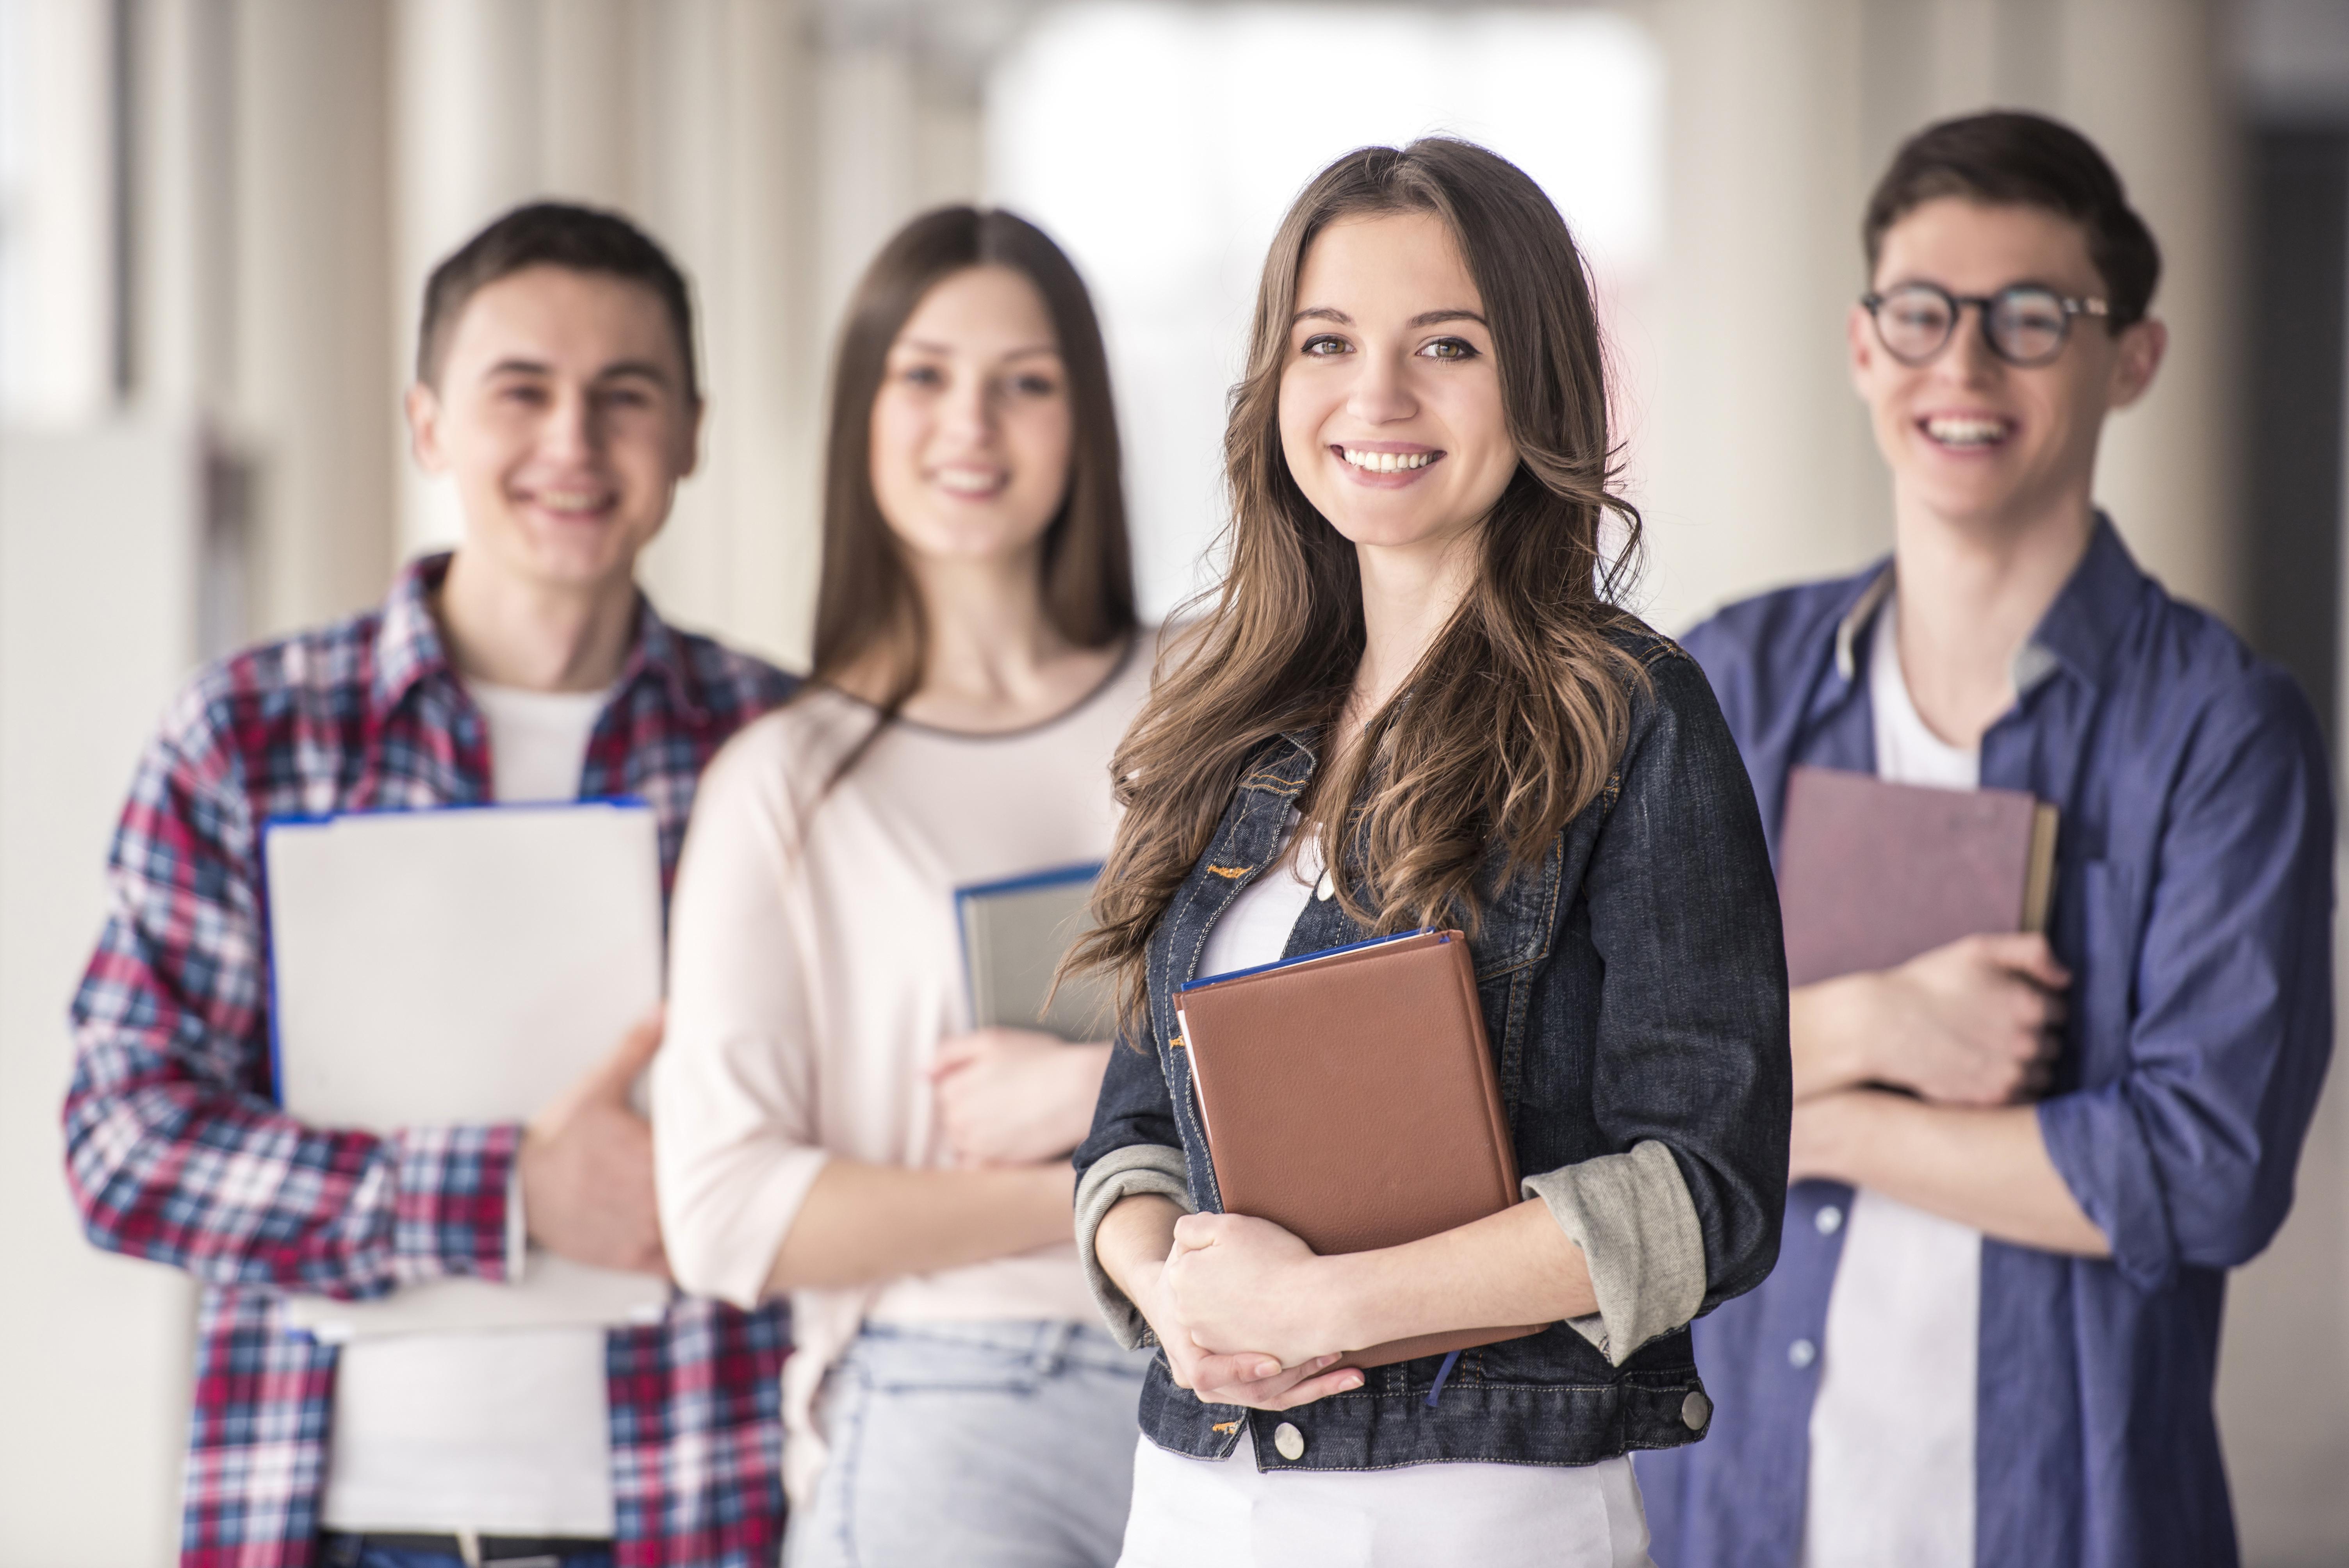 Студенты, которые могут получить ВНЖ Кипра по учебе